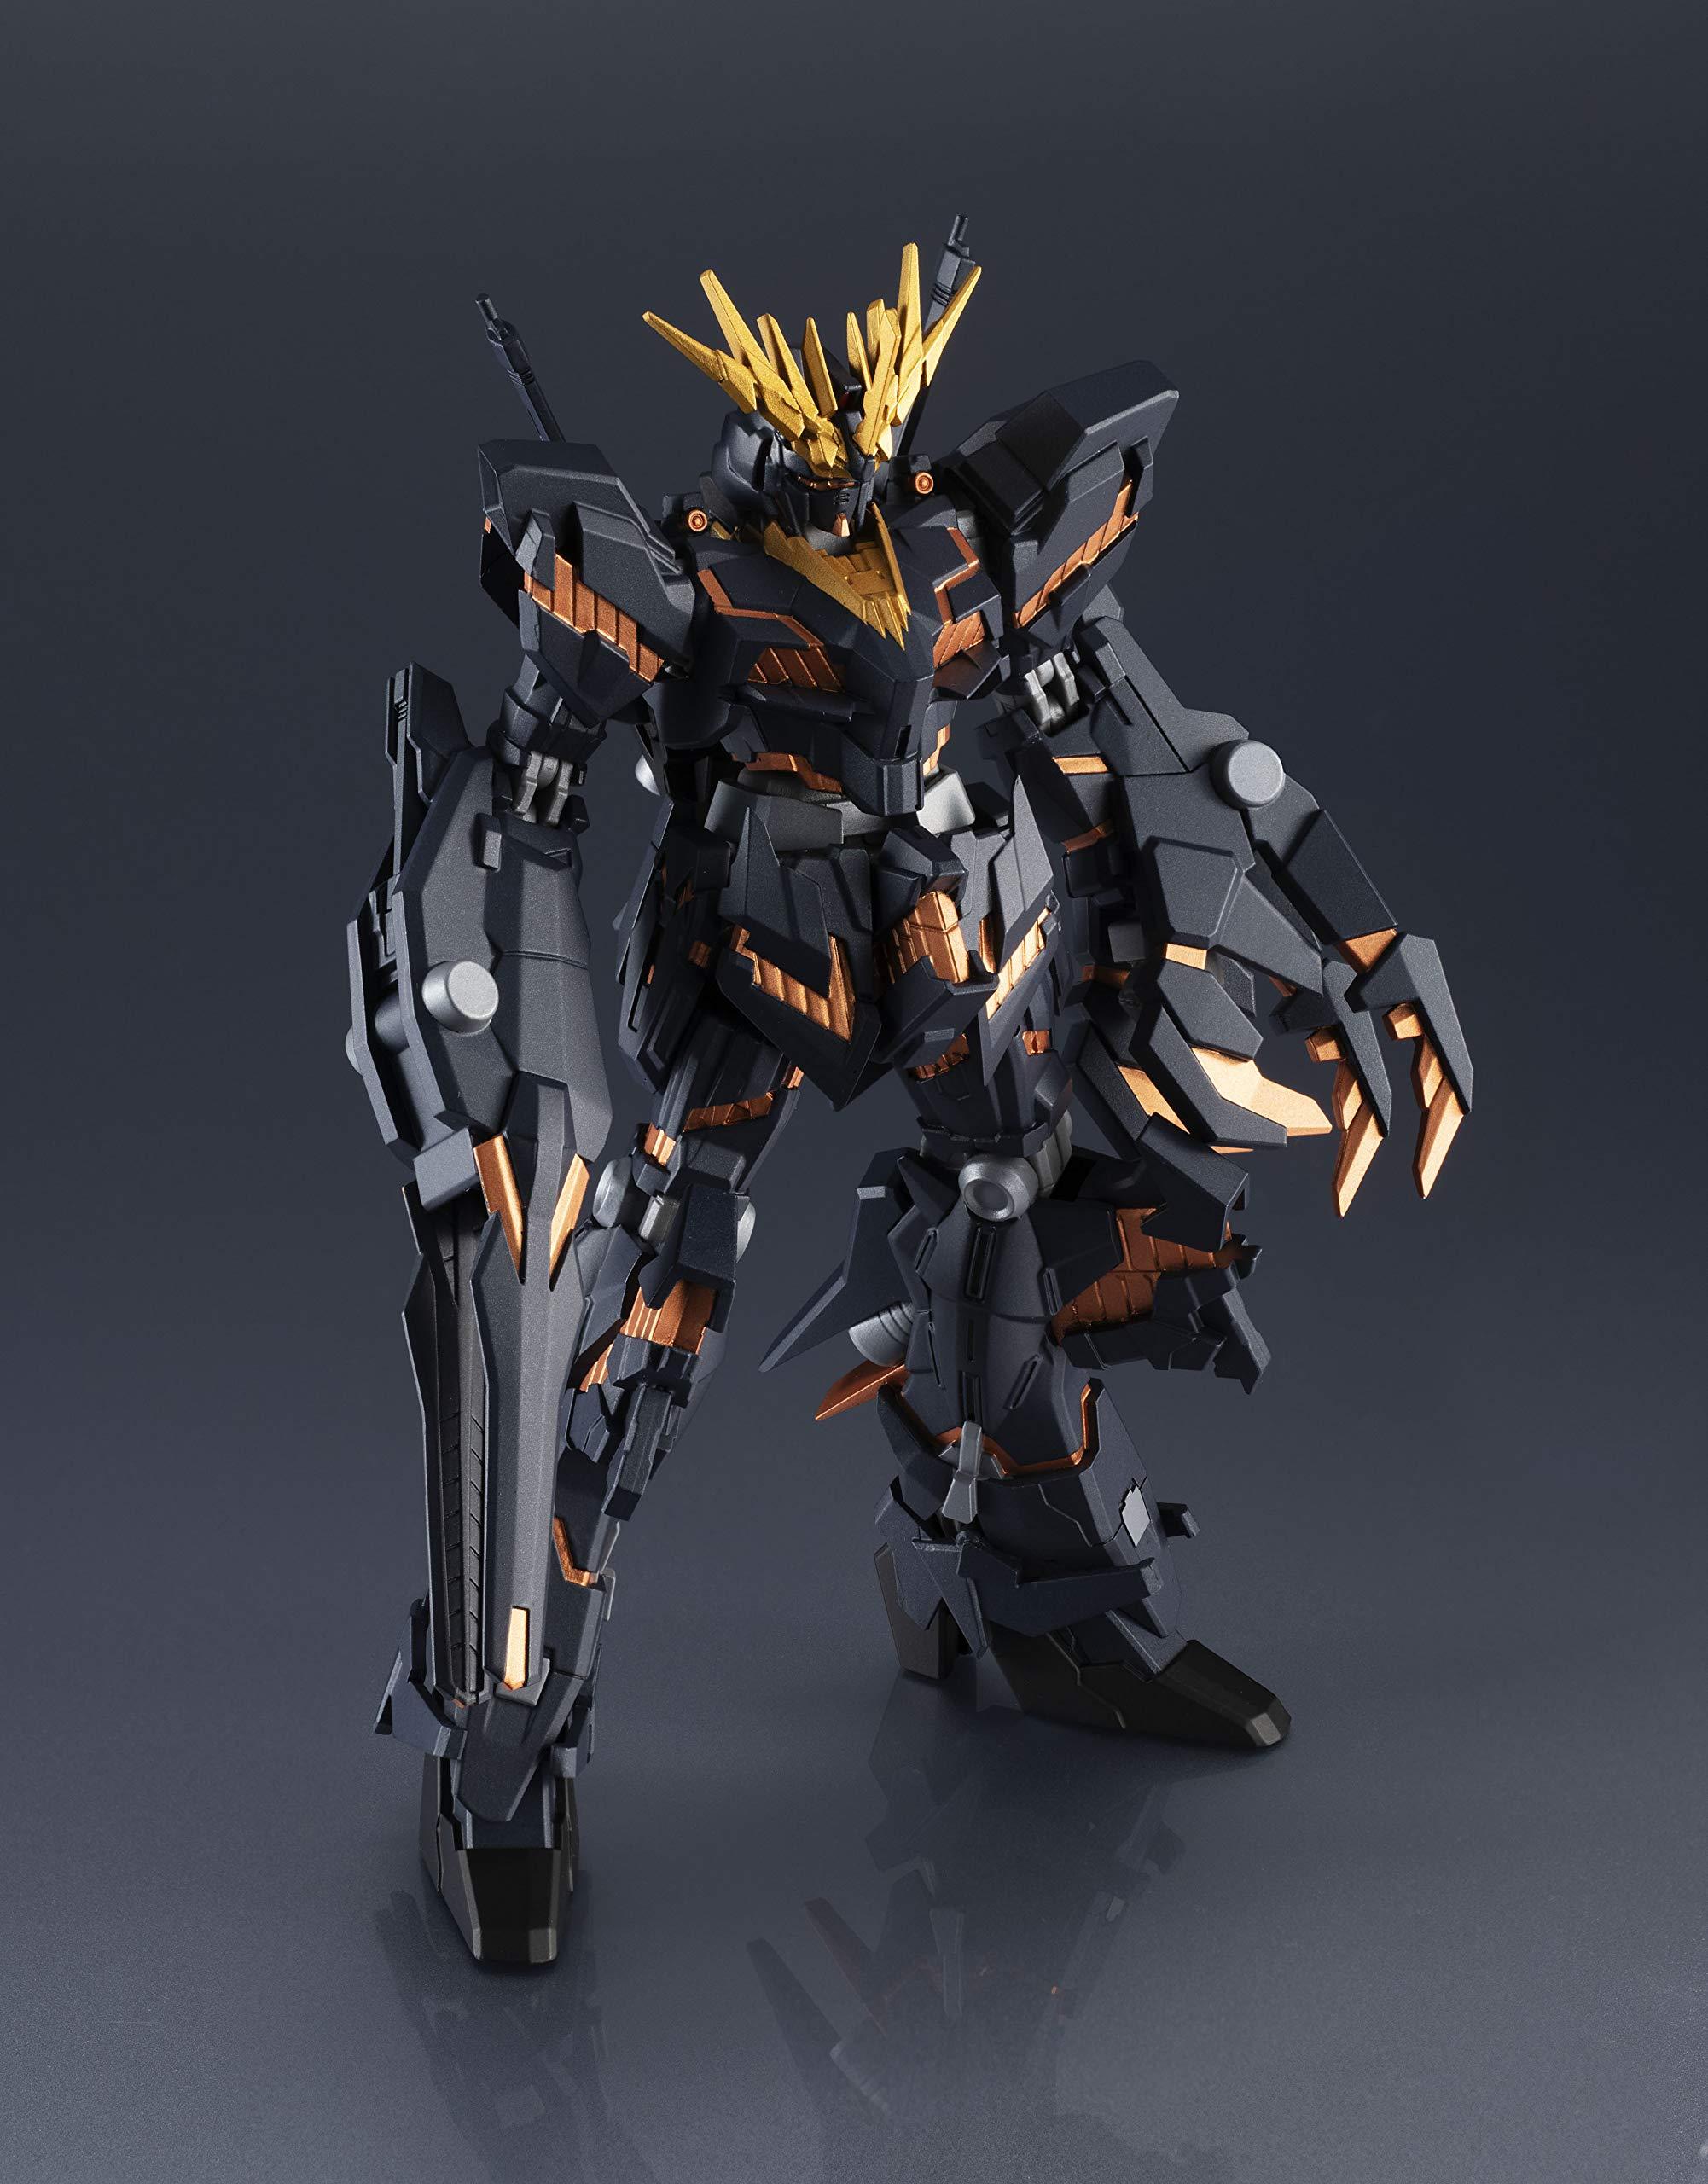 高达宇宙 RX-0 独角兽高达2号机 报丧女妖毁灭模式